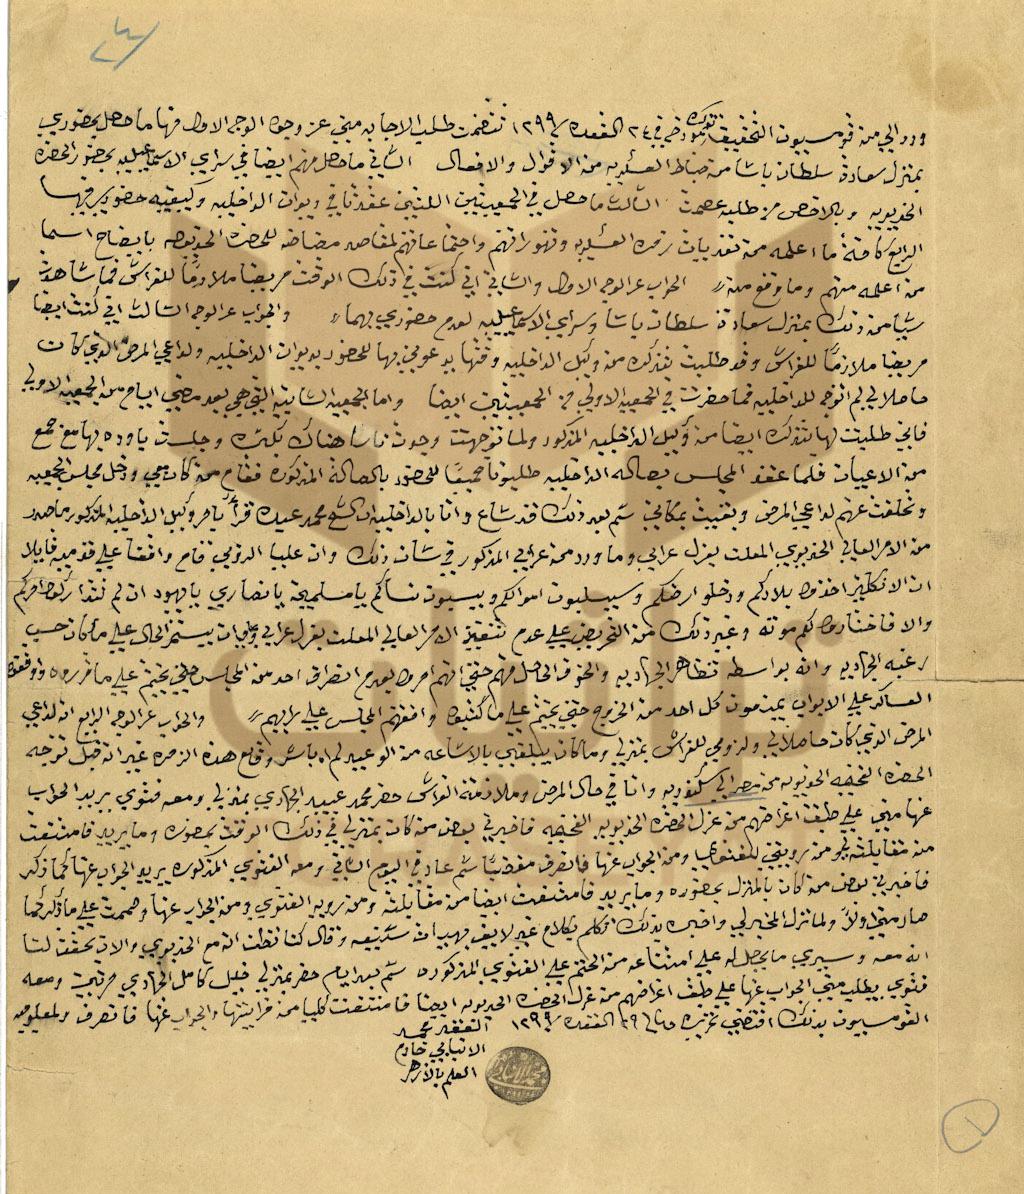 وثيقة التحقيق مع الشيخ الإنبابي بسبب اشتراكه في الثورة العرابية